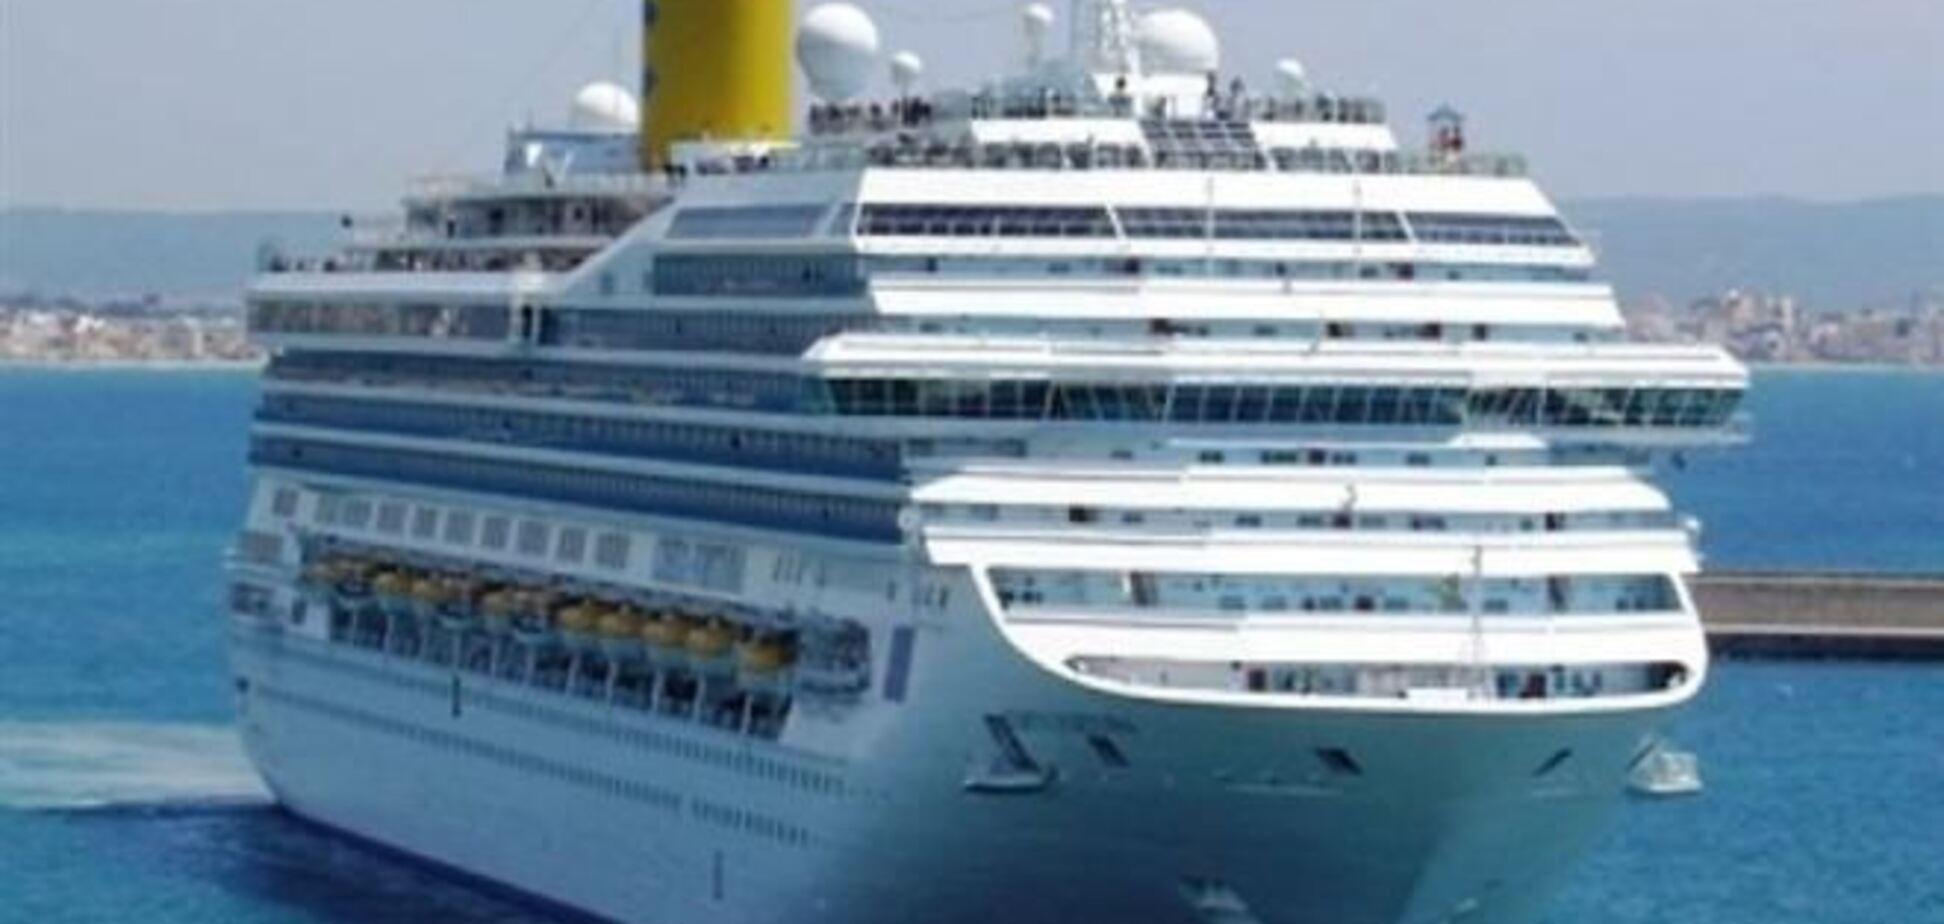 Завтра в порт Ялты зайдет круизный лайнер 'Costa Deliziosa'